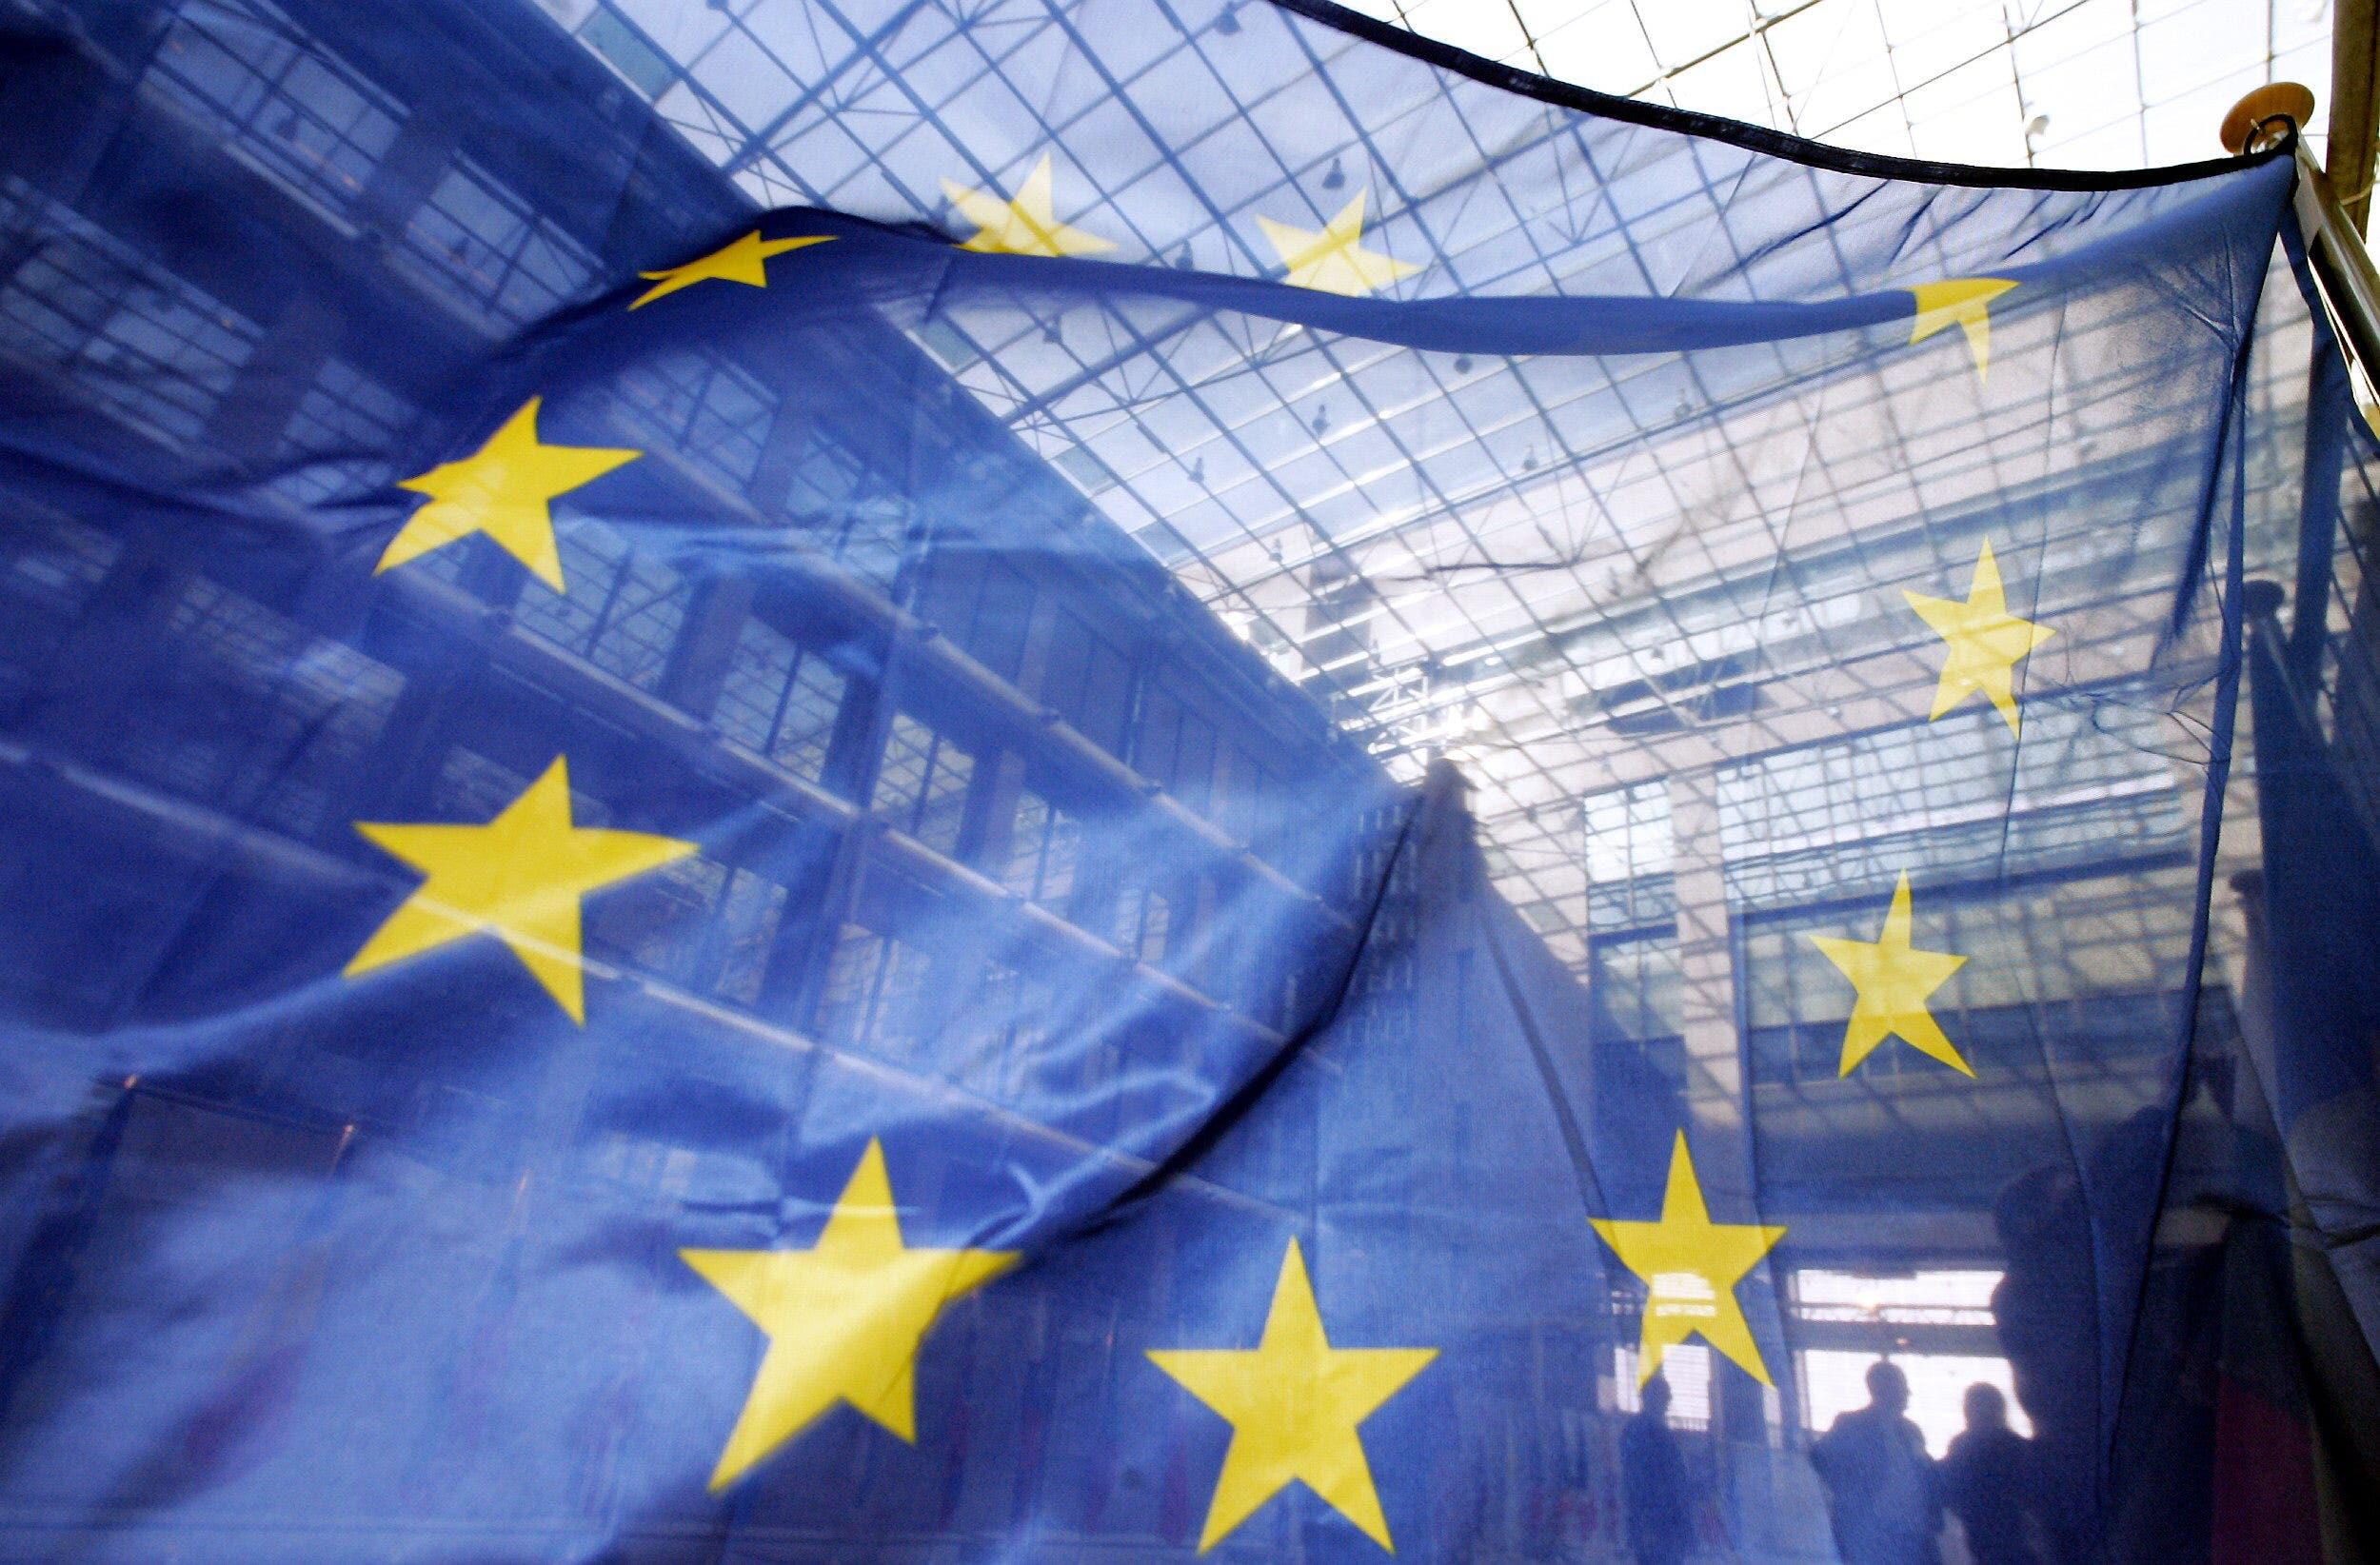 La UE se reserva el derecho a «tomar medidas» contra las sanciones de Rusia